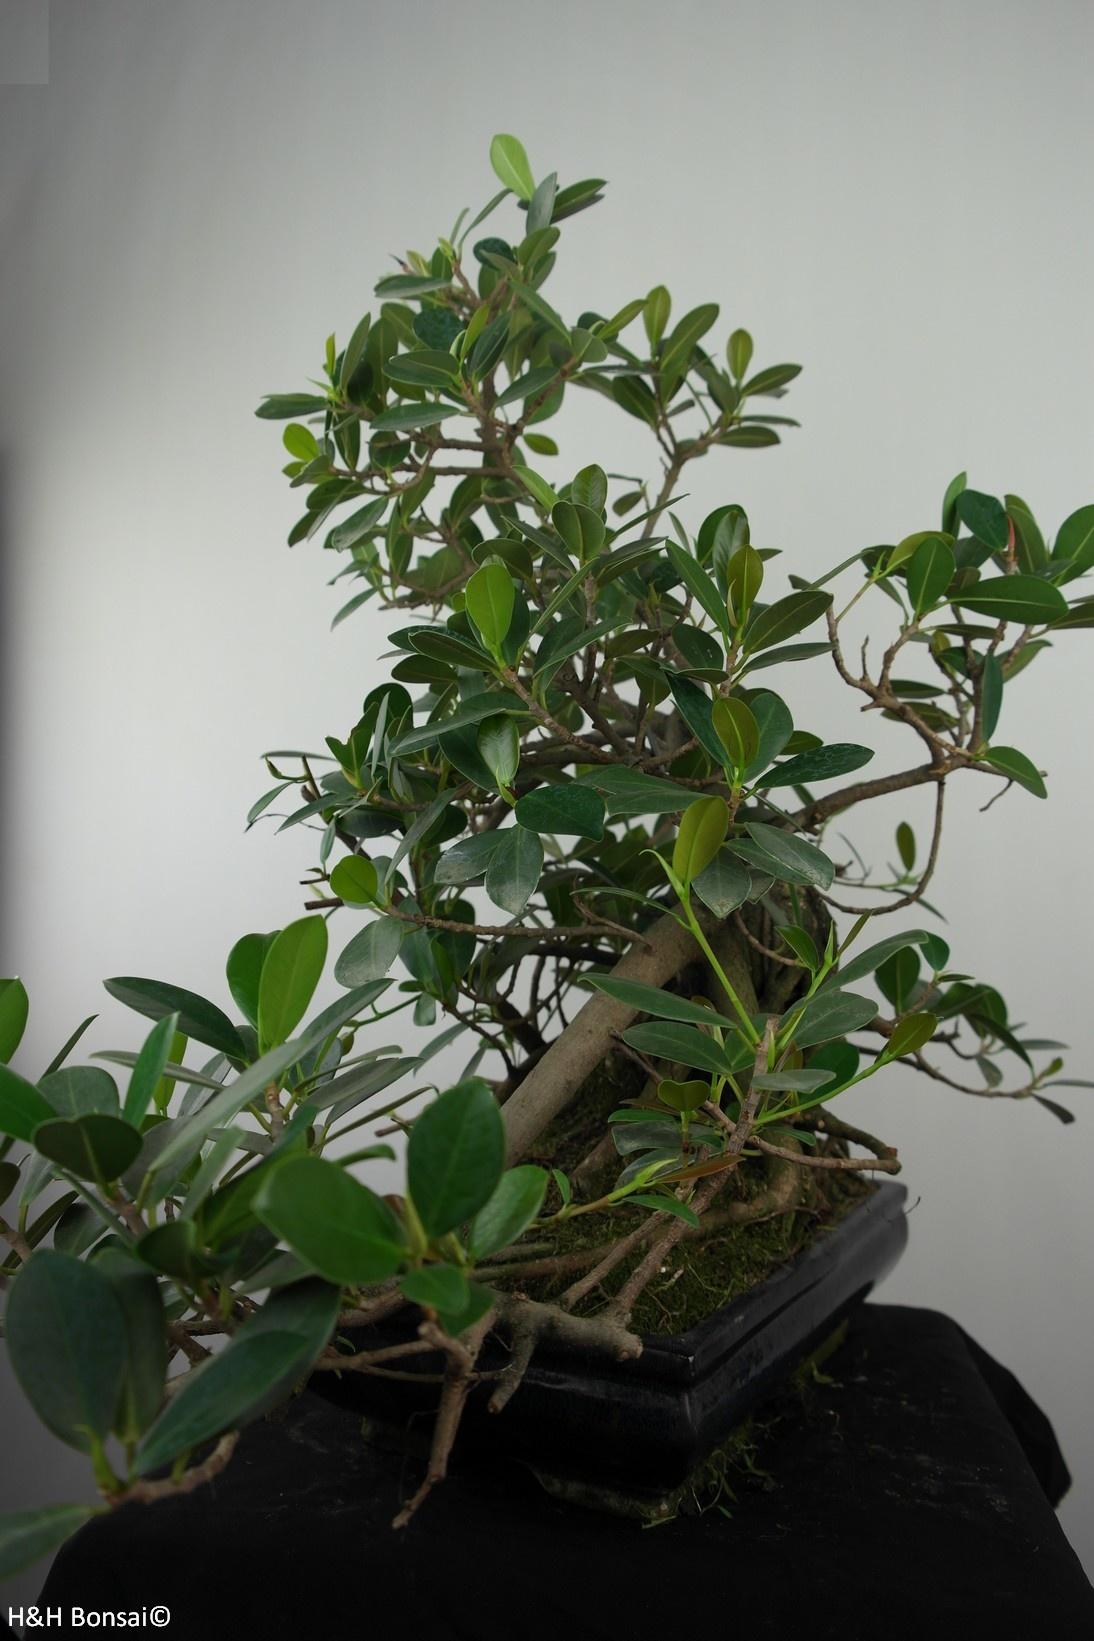 Bonsai Ficus microcarpa panda, nr. 7681